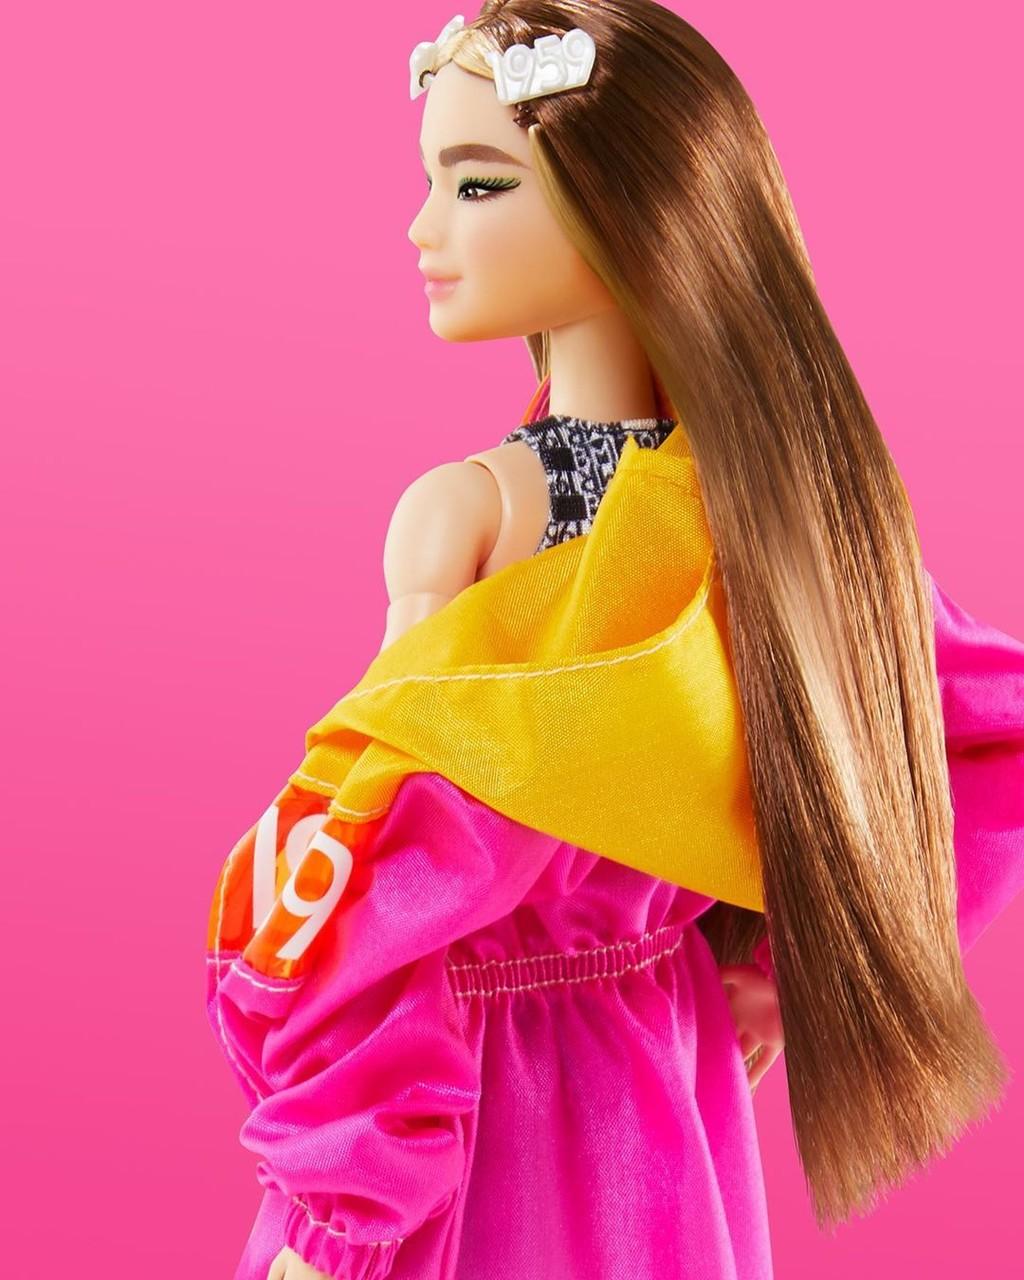 Horquillas, mechones decolorados, cabello fucsia y eyeliners de colores: Barbie tampoco se resiste a las tendencias beauty de 2020